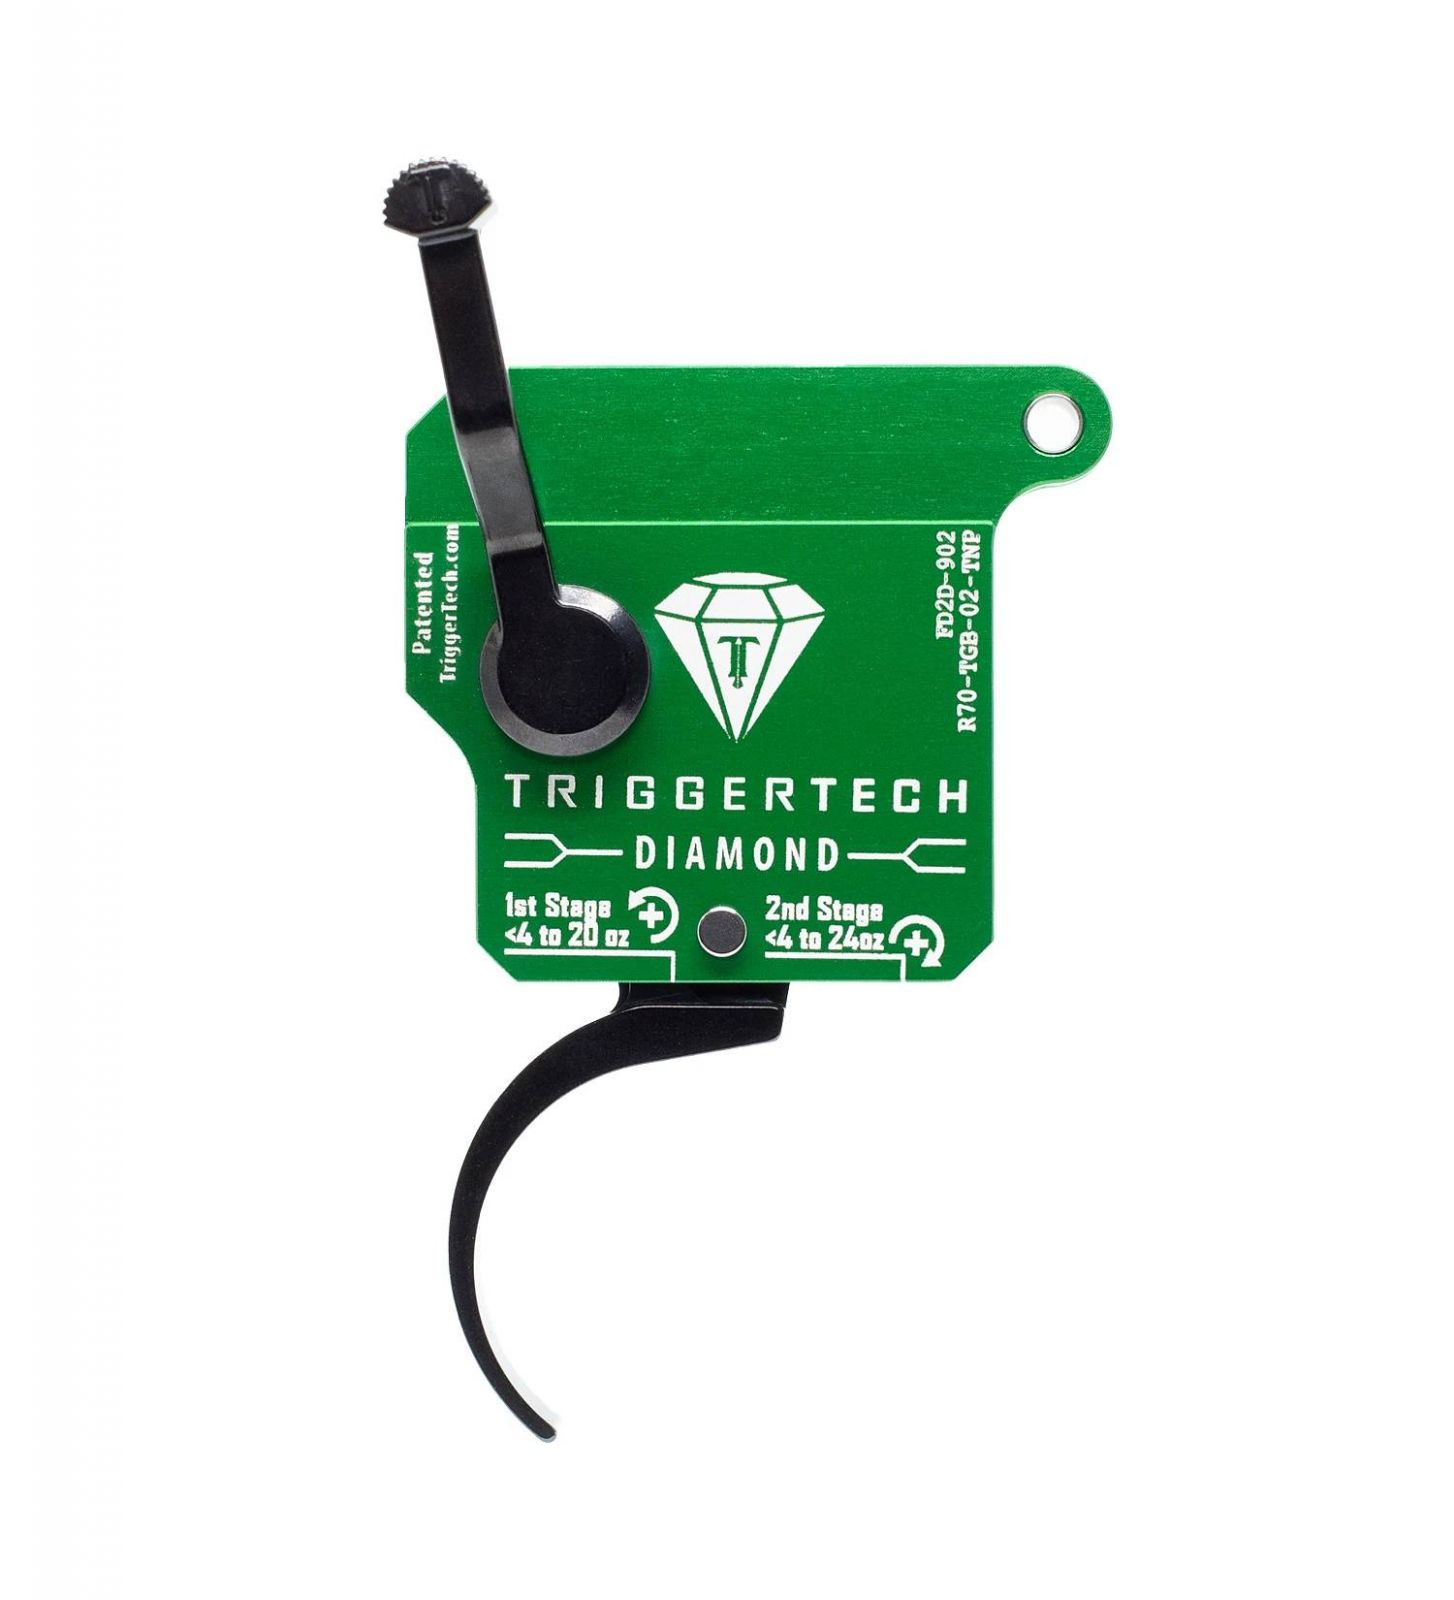 Spoušť Triggertech 2-stage Diamond pro Remington klony - zaoblená PRO, černá